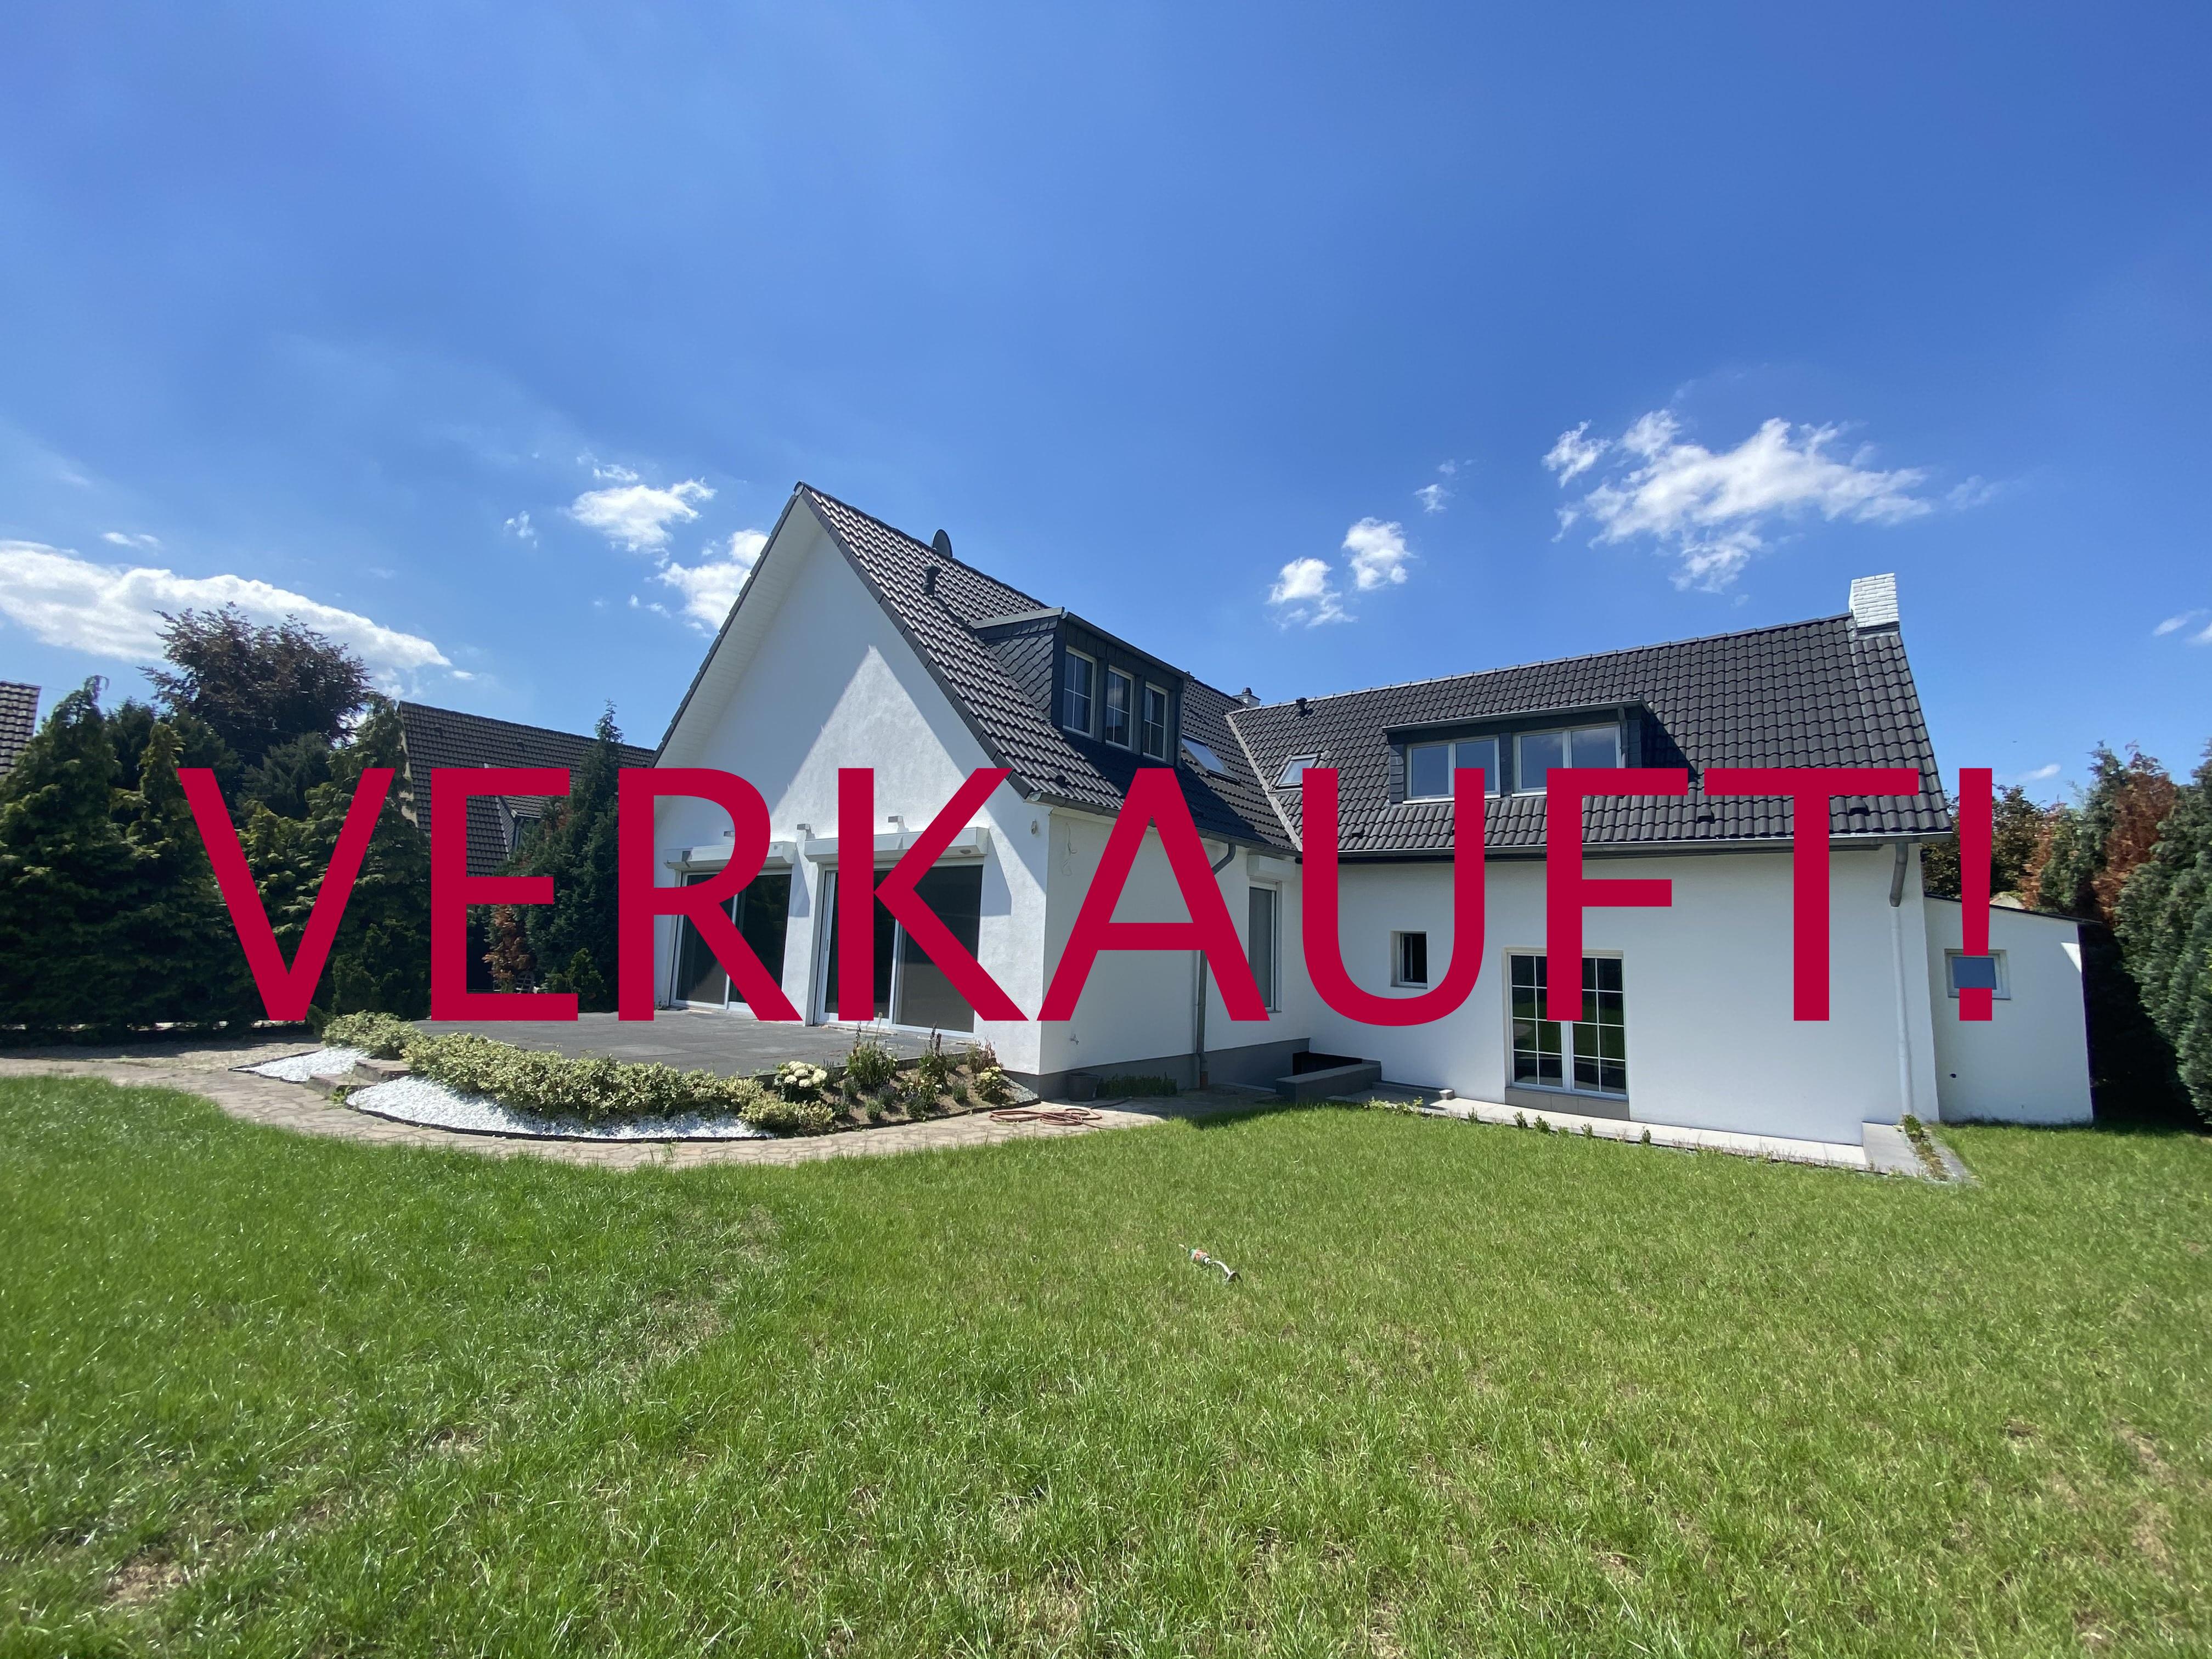 VERKAUFT! Freistehendes Ein-Zweifamilienhaus mit Garten (Erstbezug nach Kernsanierung 2019/2020) in Stockum